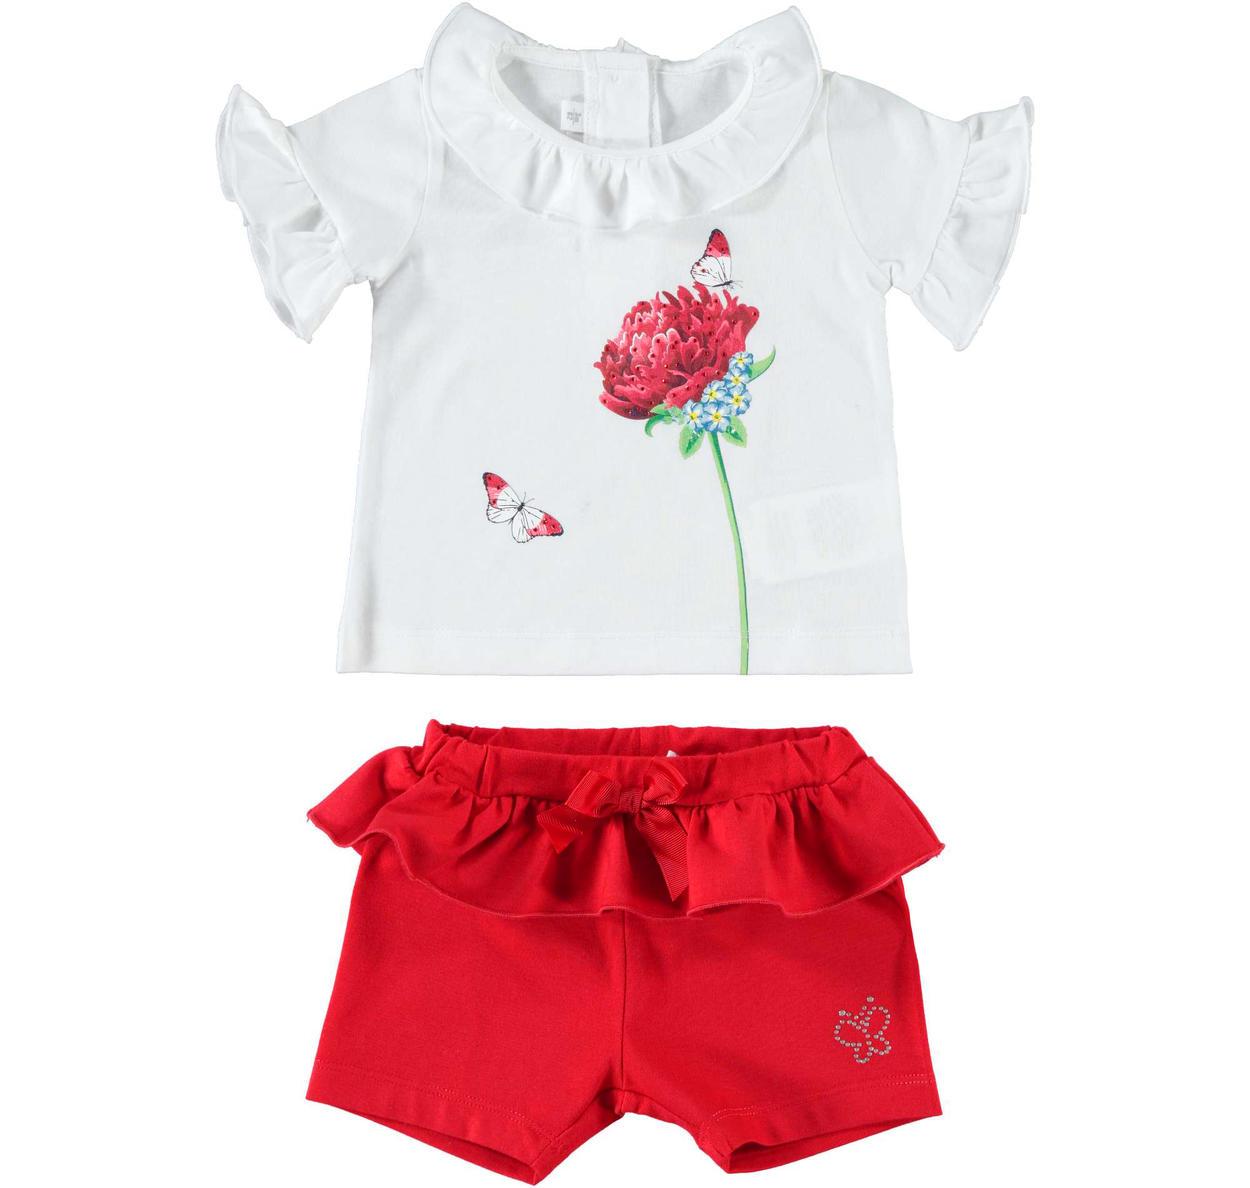 l'ultimo vendita più economica negozio ufficiale Completino estivo due pezzi in cotone per neonata da 0 a 24 mesi Minibanda